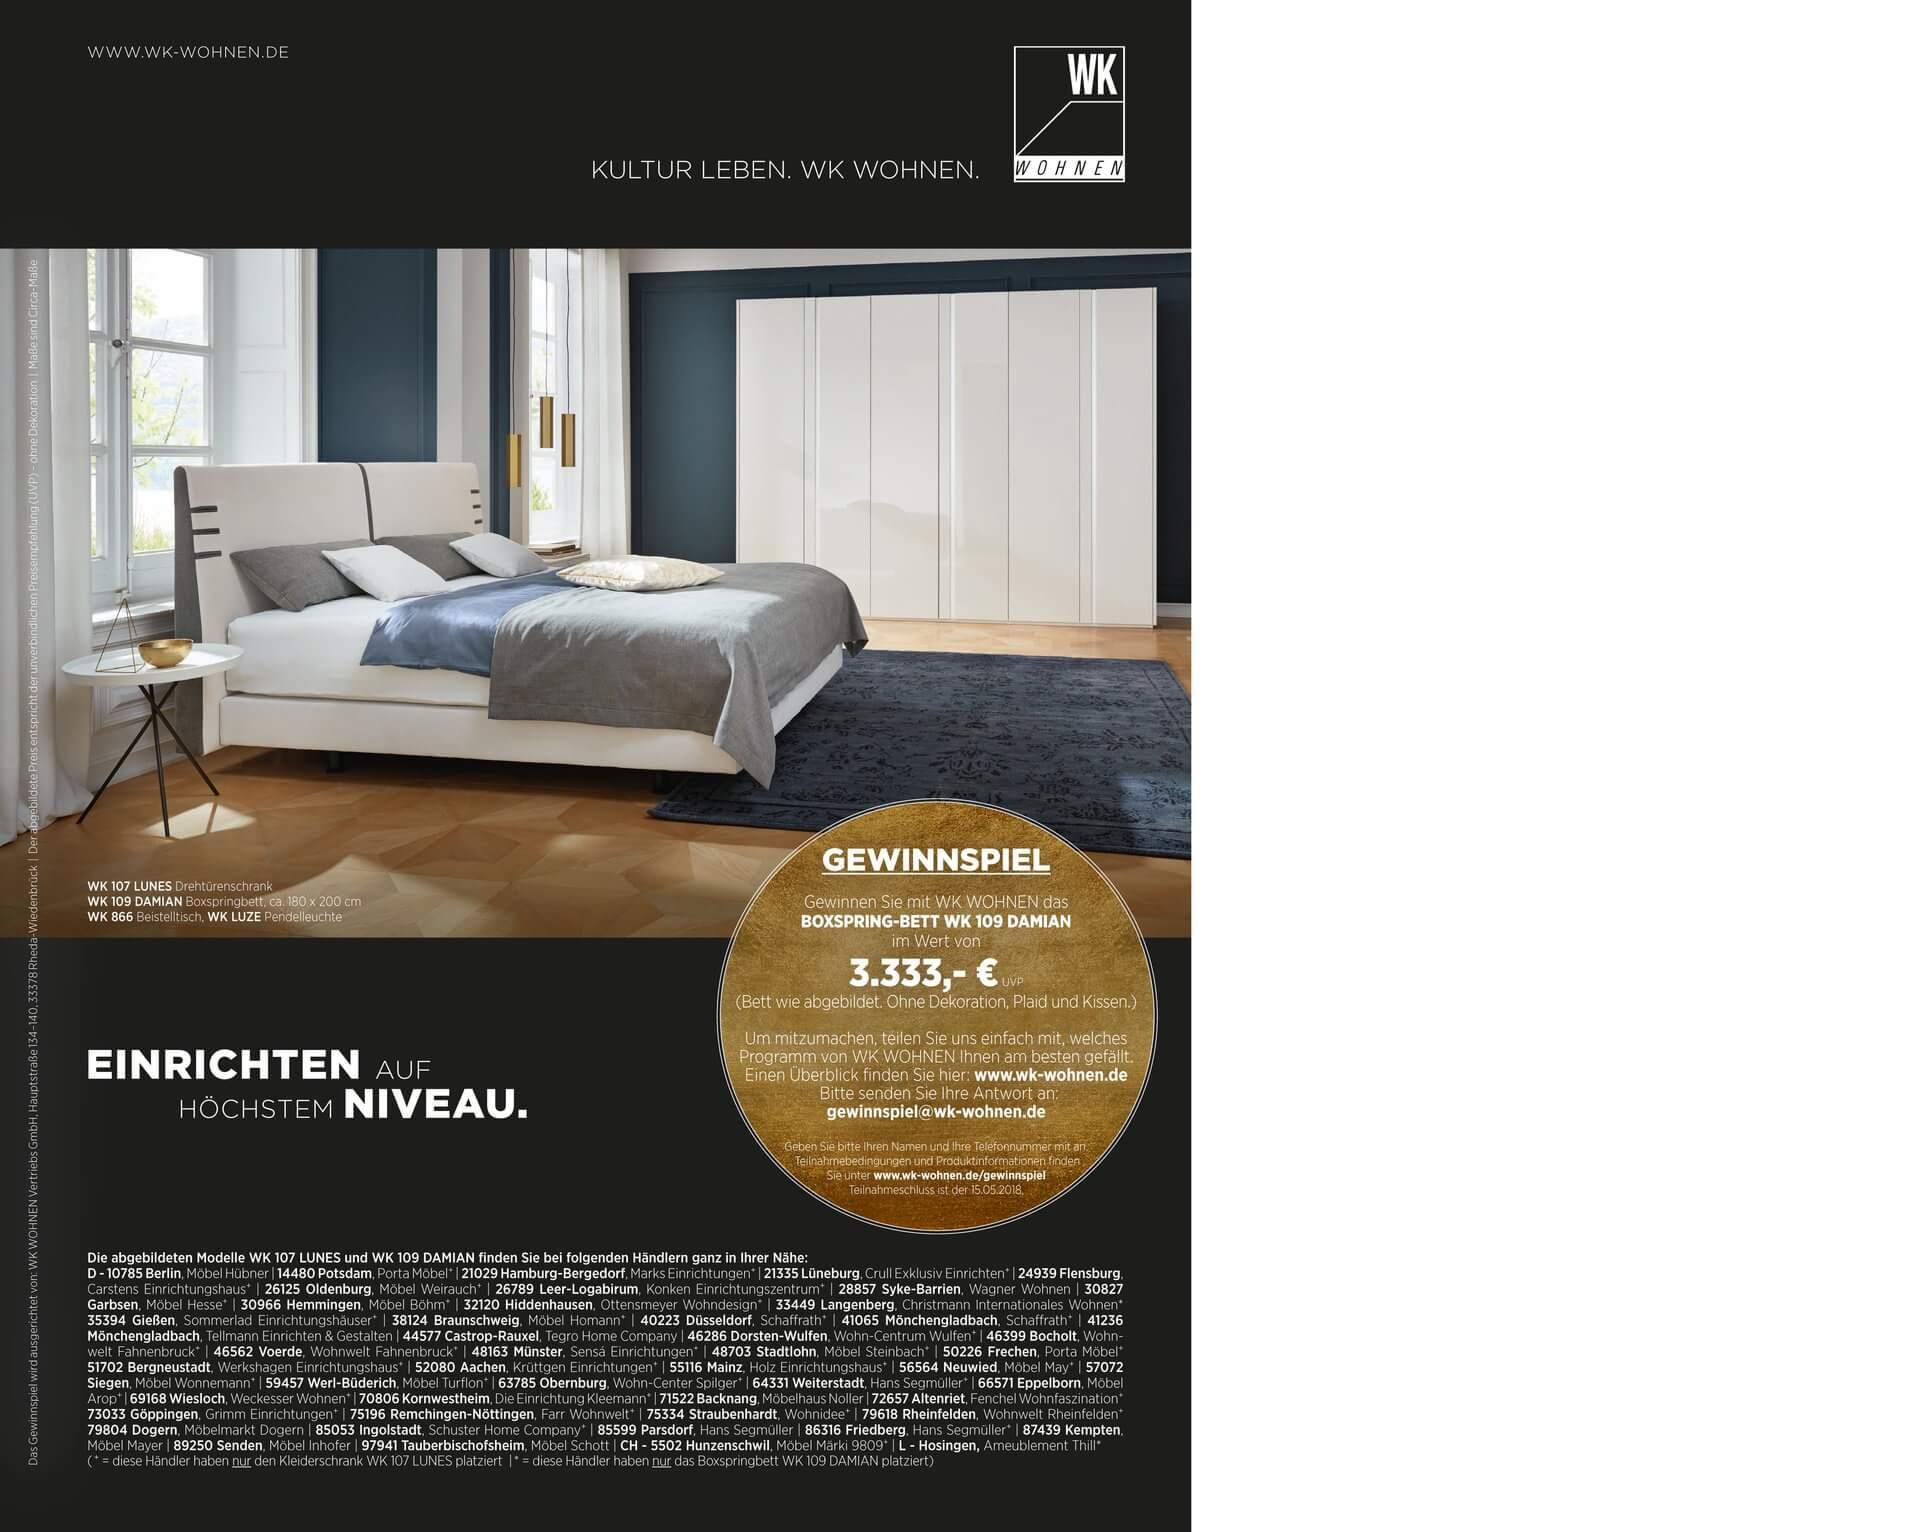 zu besuch bei der gl cklichen gewinnerin blog wk wohnen. Black Bedroom Furniture Sets. Home Design Ideas